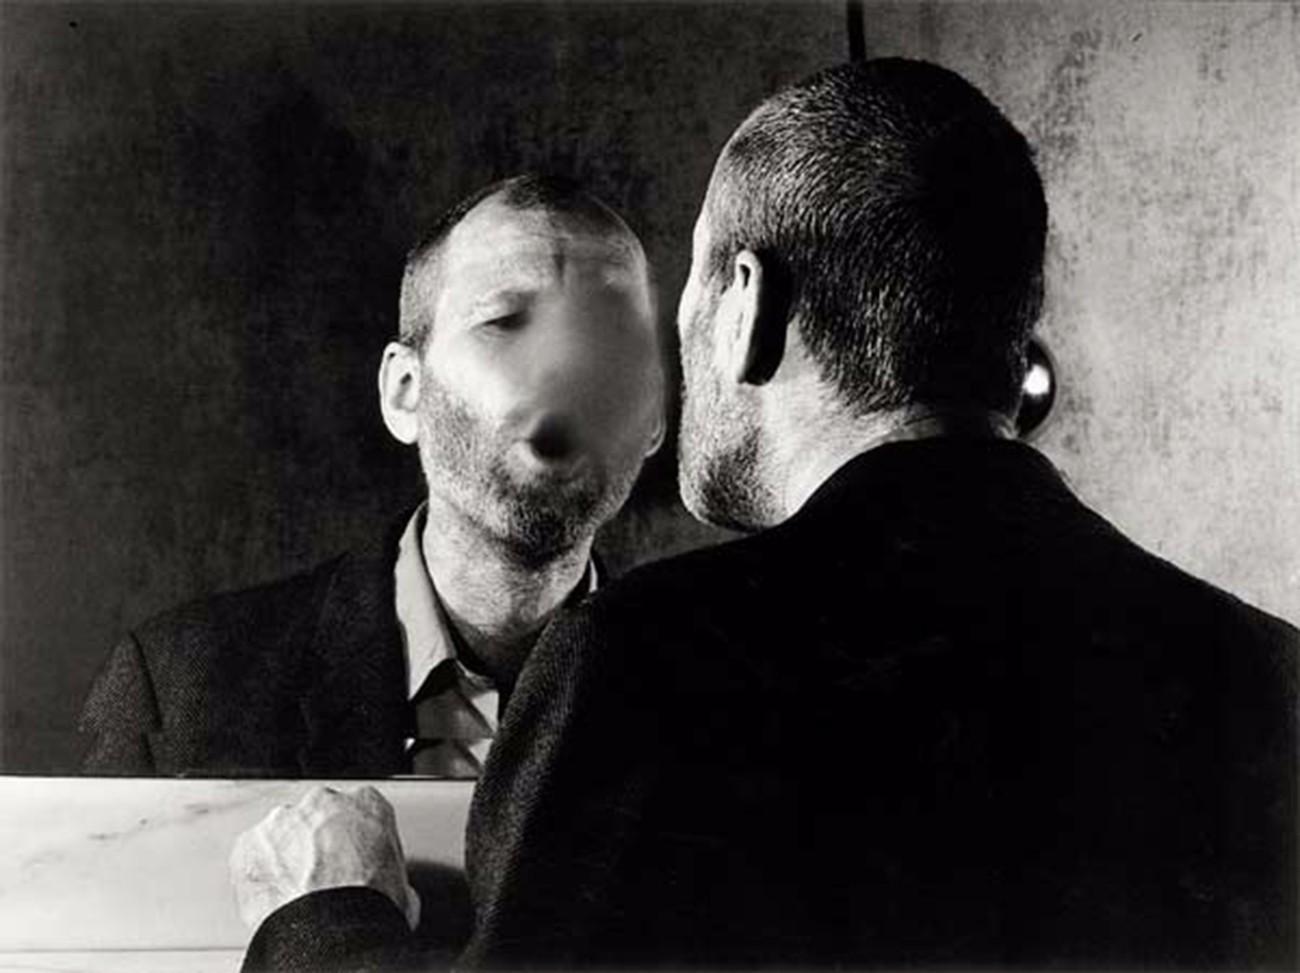 L o commence le jour lm magazine for Autoportrait miroir